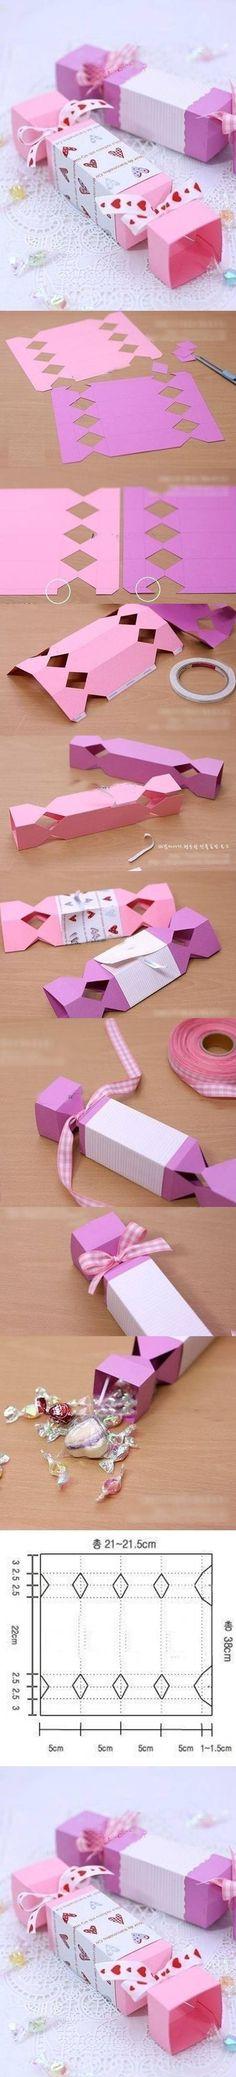 Plantillas originales para los regalos de invitados diy boda plantillas originales para los regalos de invitados diy boda pinterest gift box templates box templates and template solutioingenieria Images